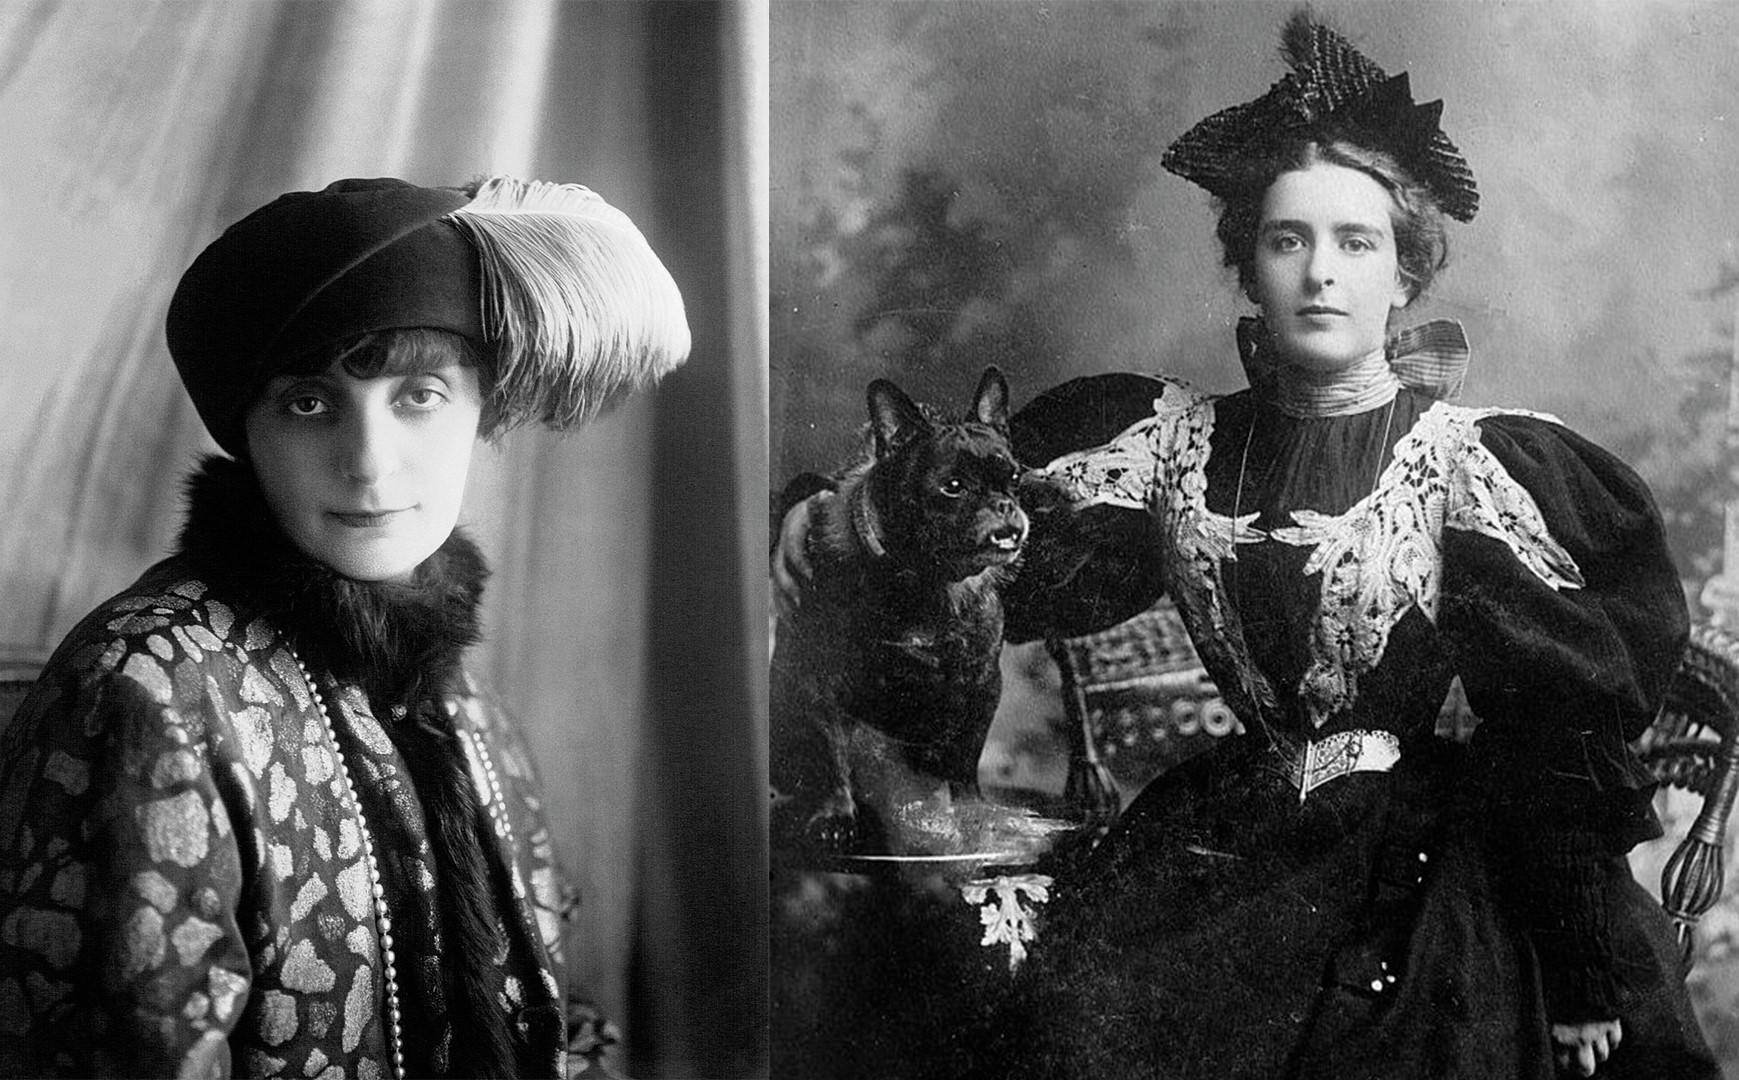 De gauche à droite : la Comtesse Anna de Noailles (1922 - Collection de la BNF) et Nathalie Clifford Barney (date et auteur inconnu)